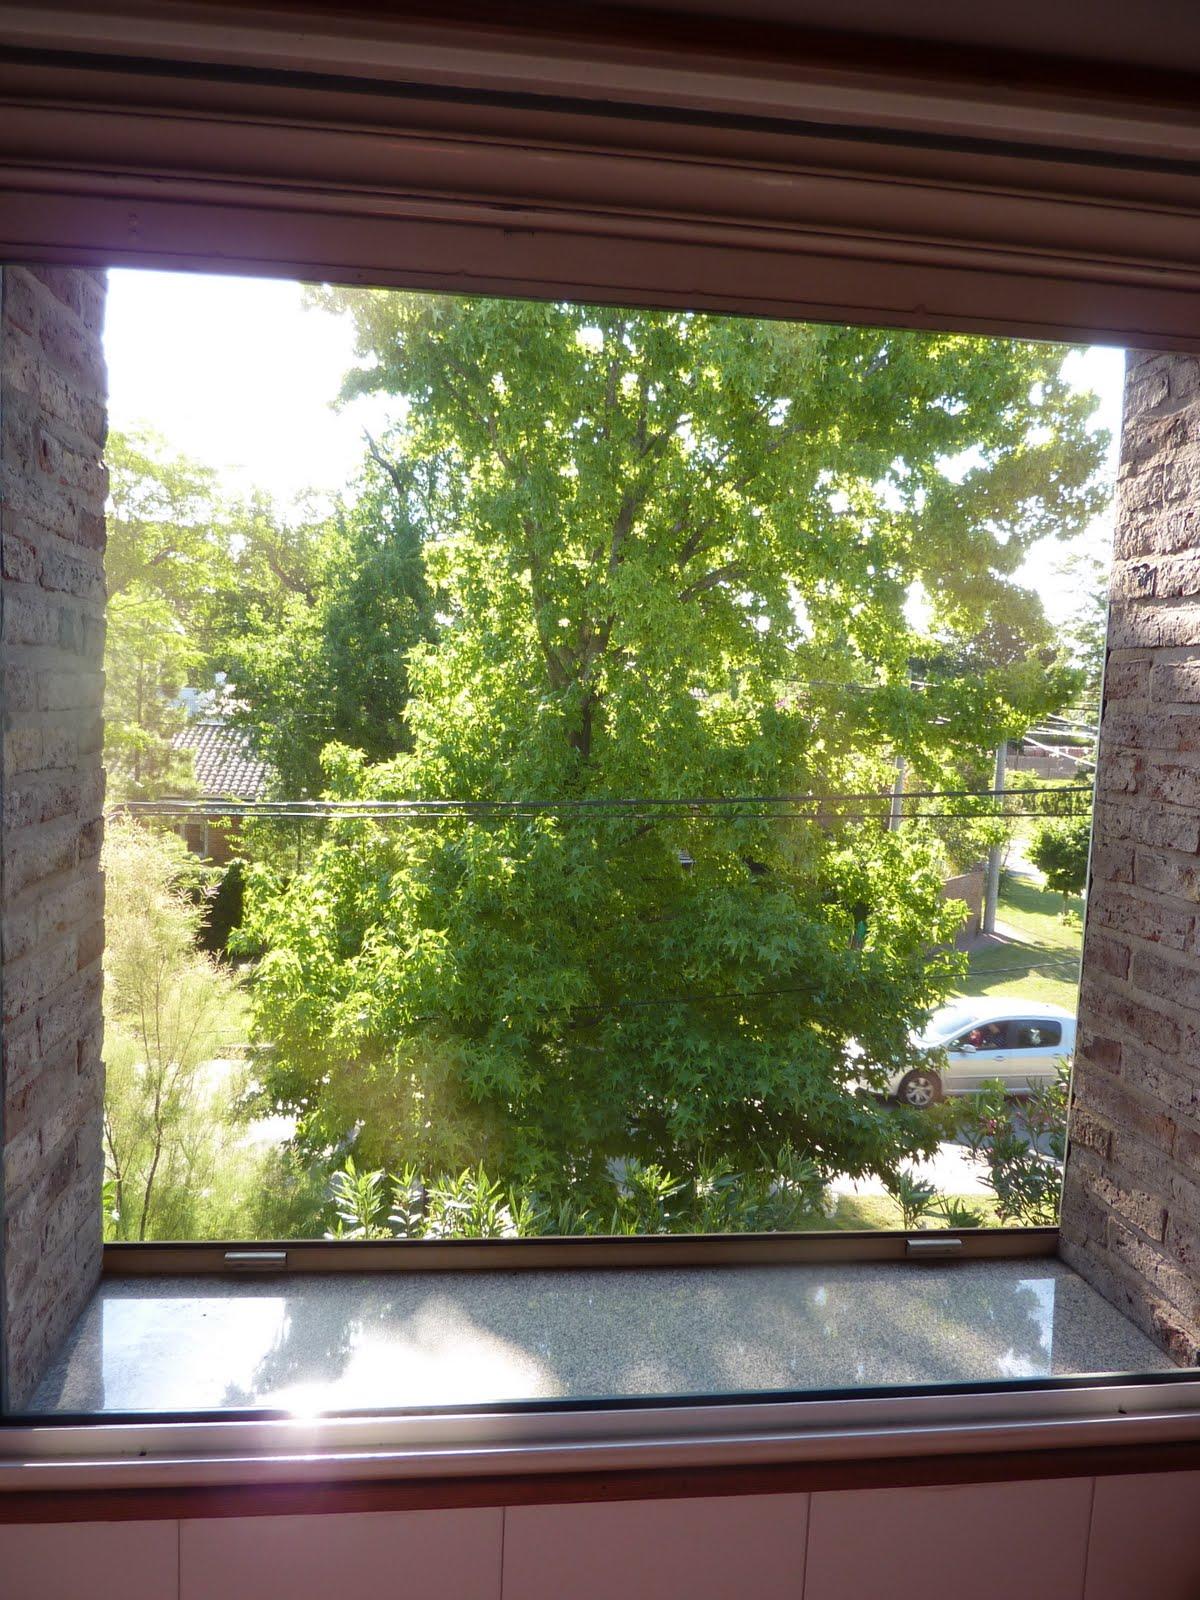 Baño Con Vista Al Jardin:casafisherton: Ventana con vista a calle Tarragona y Jardín (desde